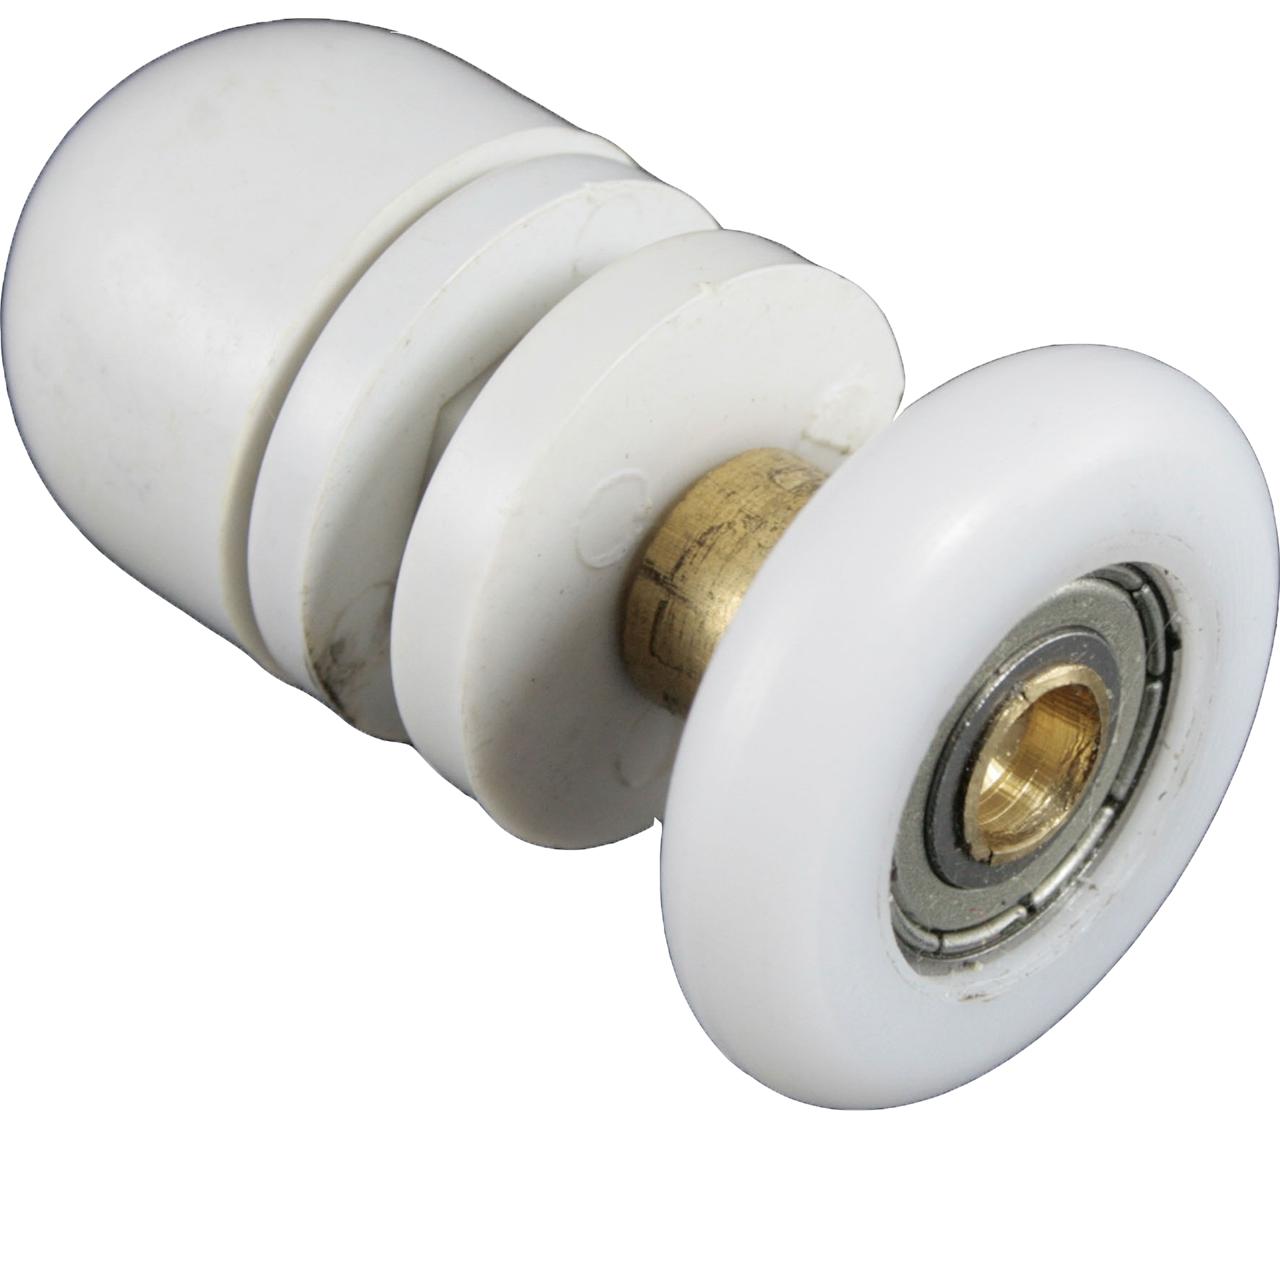 Ролик душової кабіни одинарний, білий ( В-06 А ) 26 мм